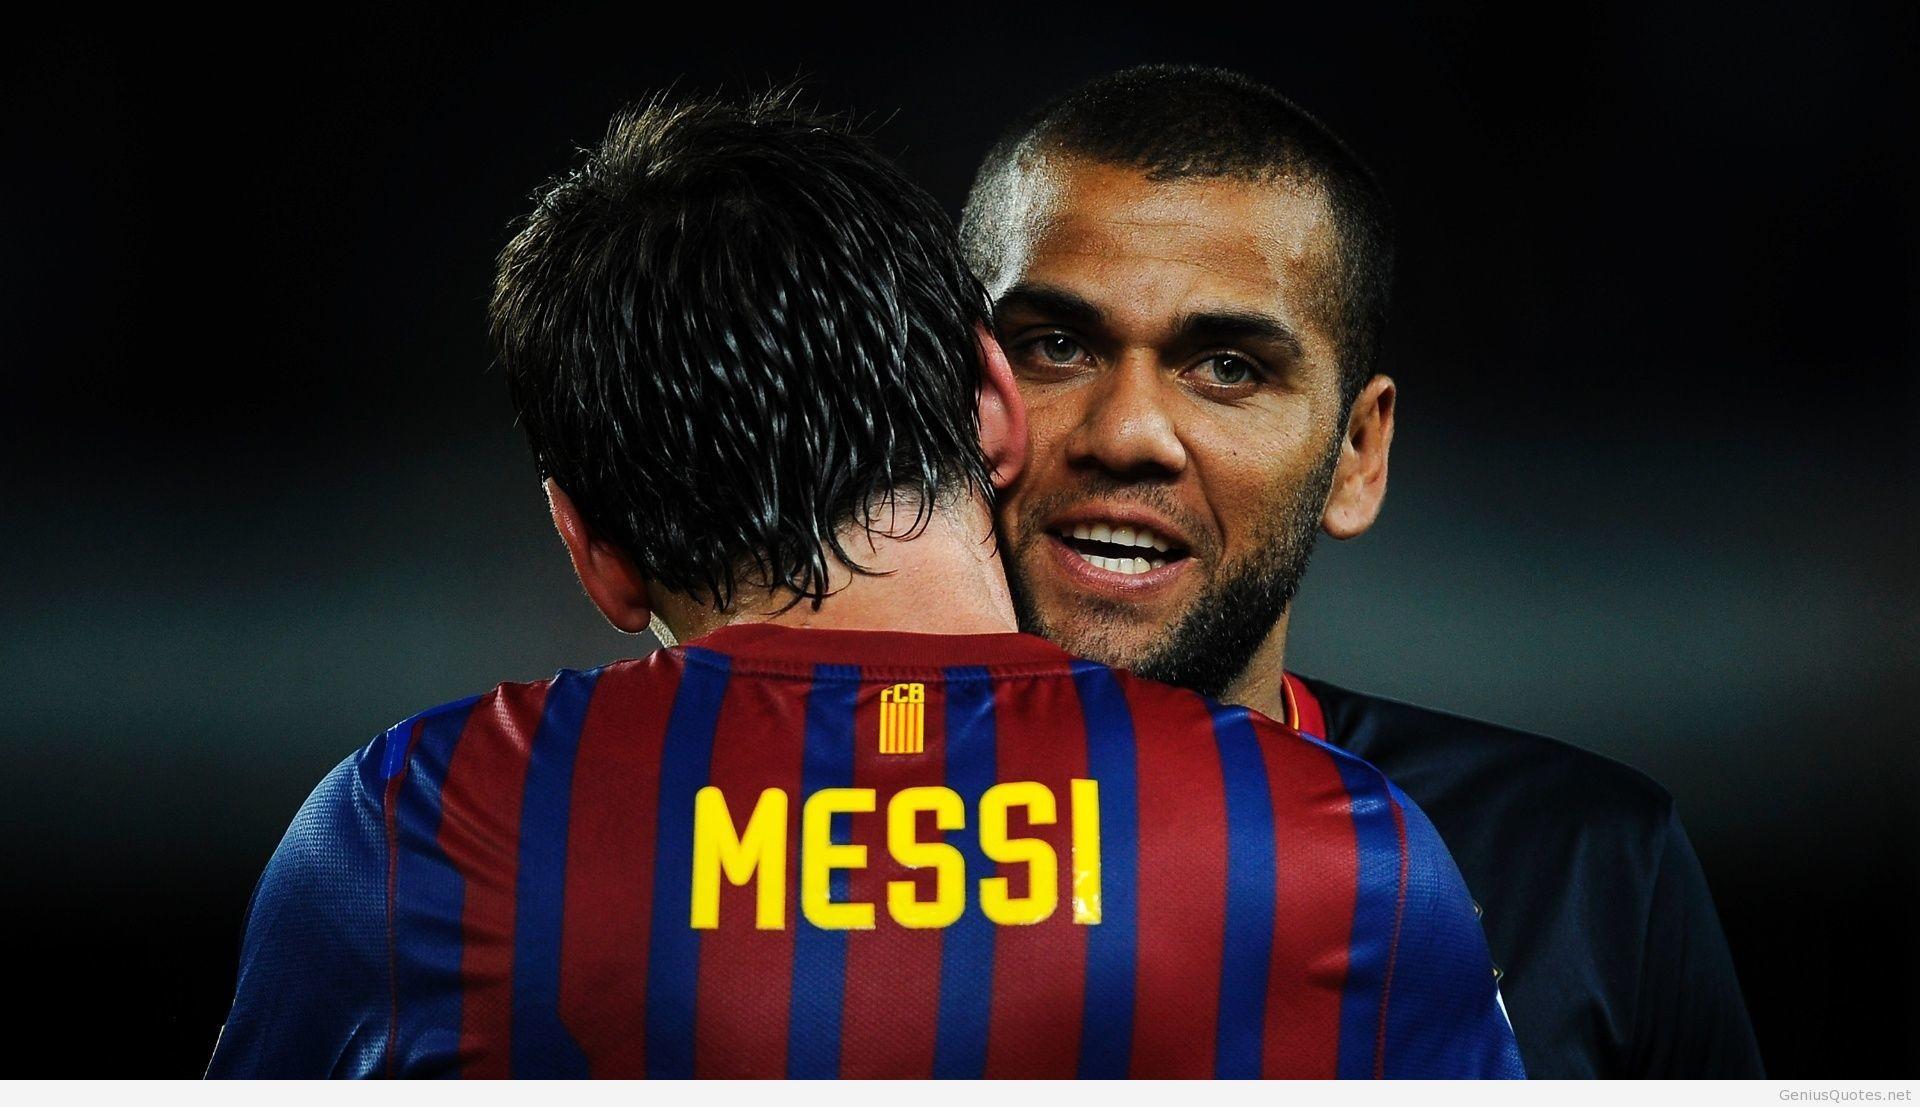 Messi vs Ronaldo Wallpaper 2018 HD 77 images 1920x1107